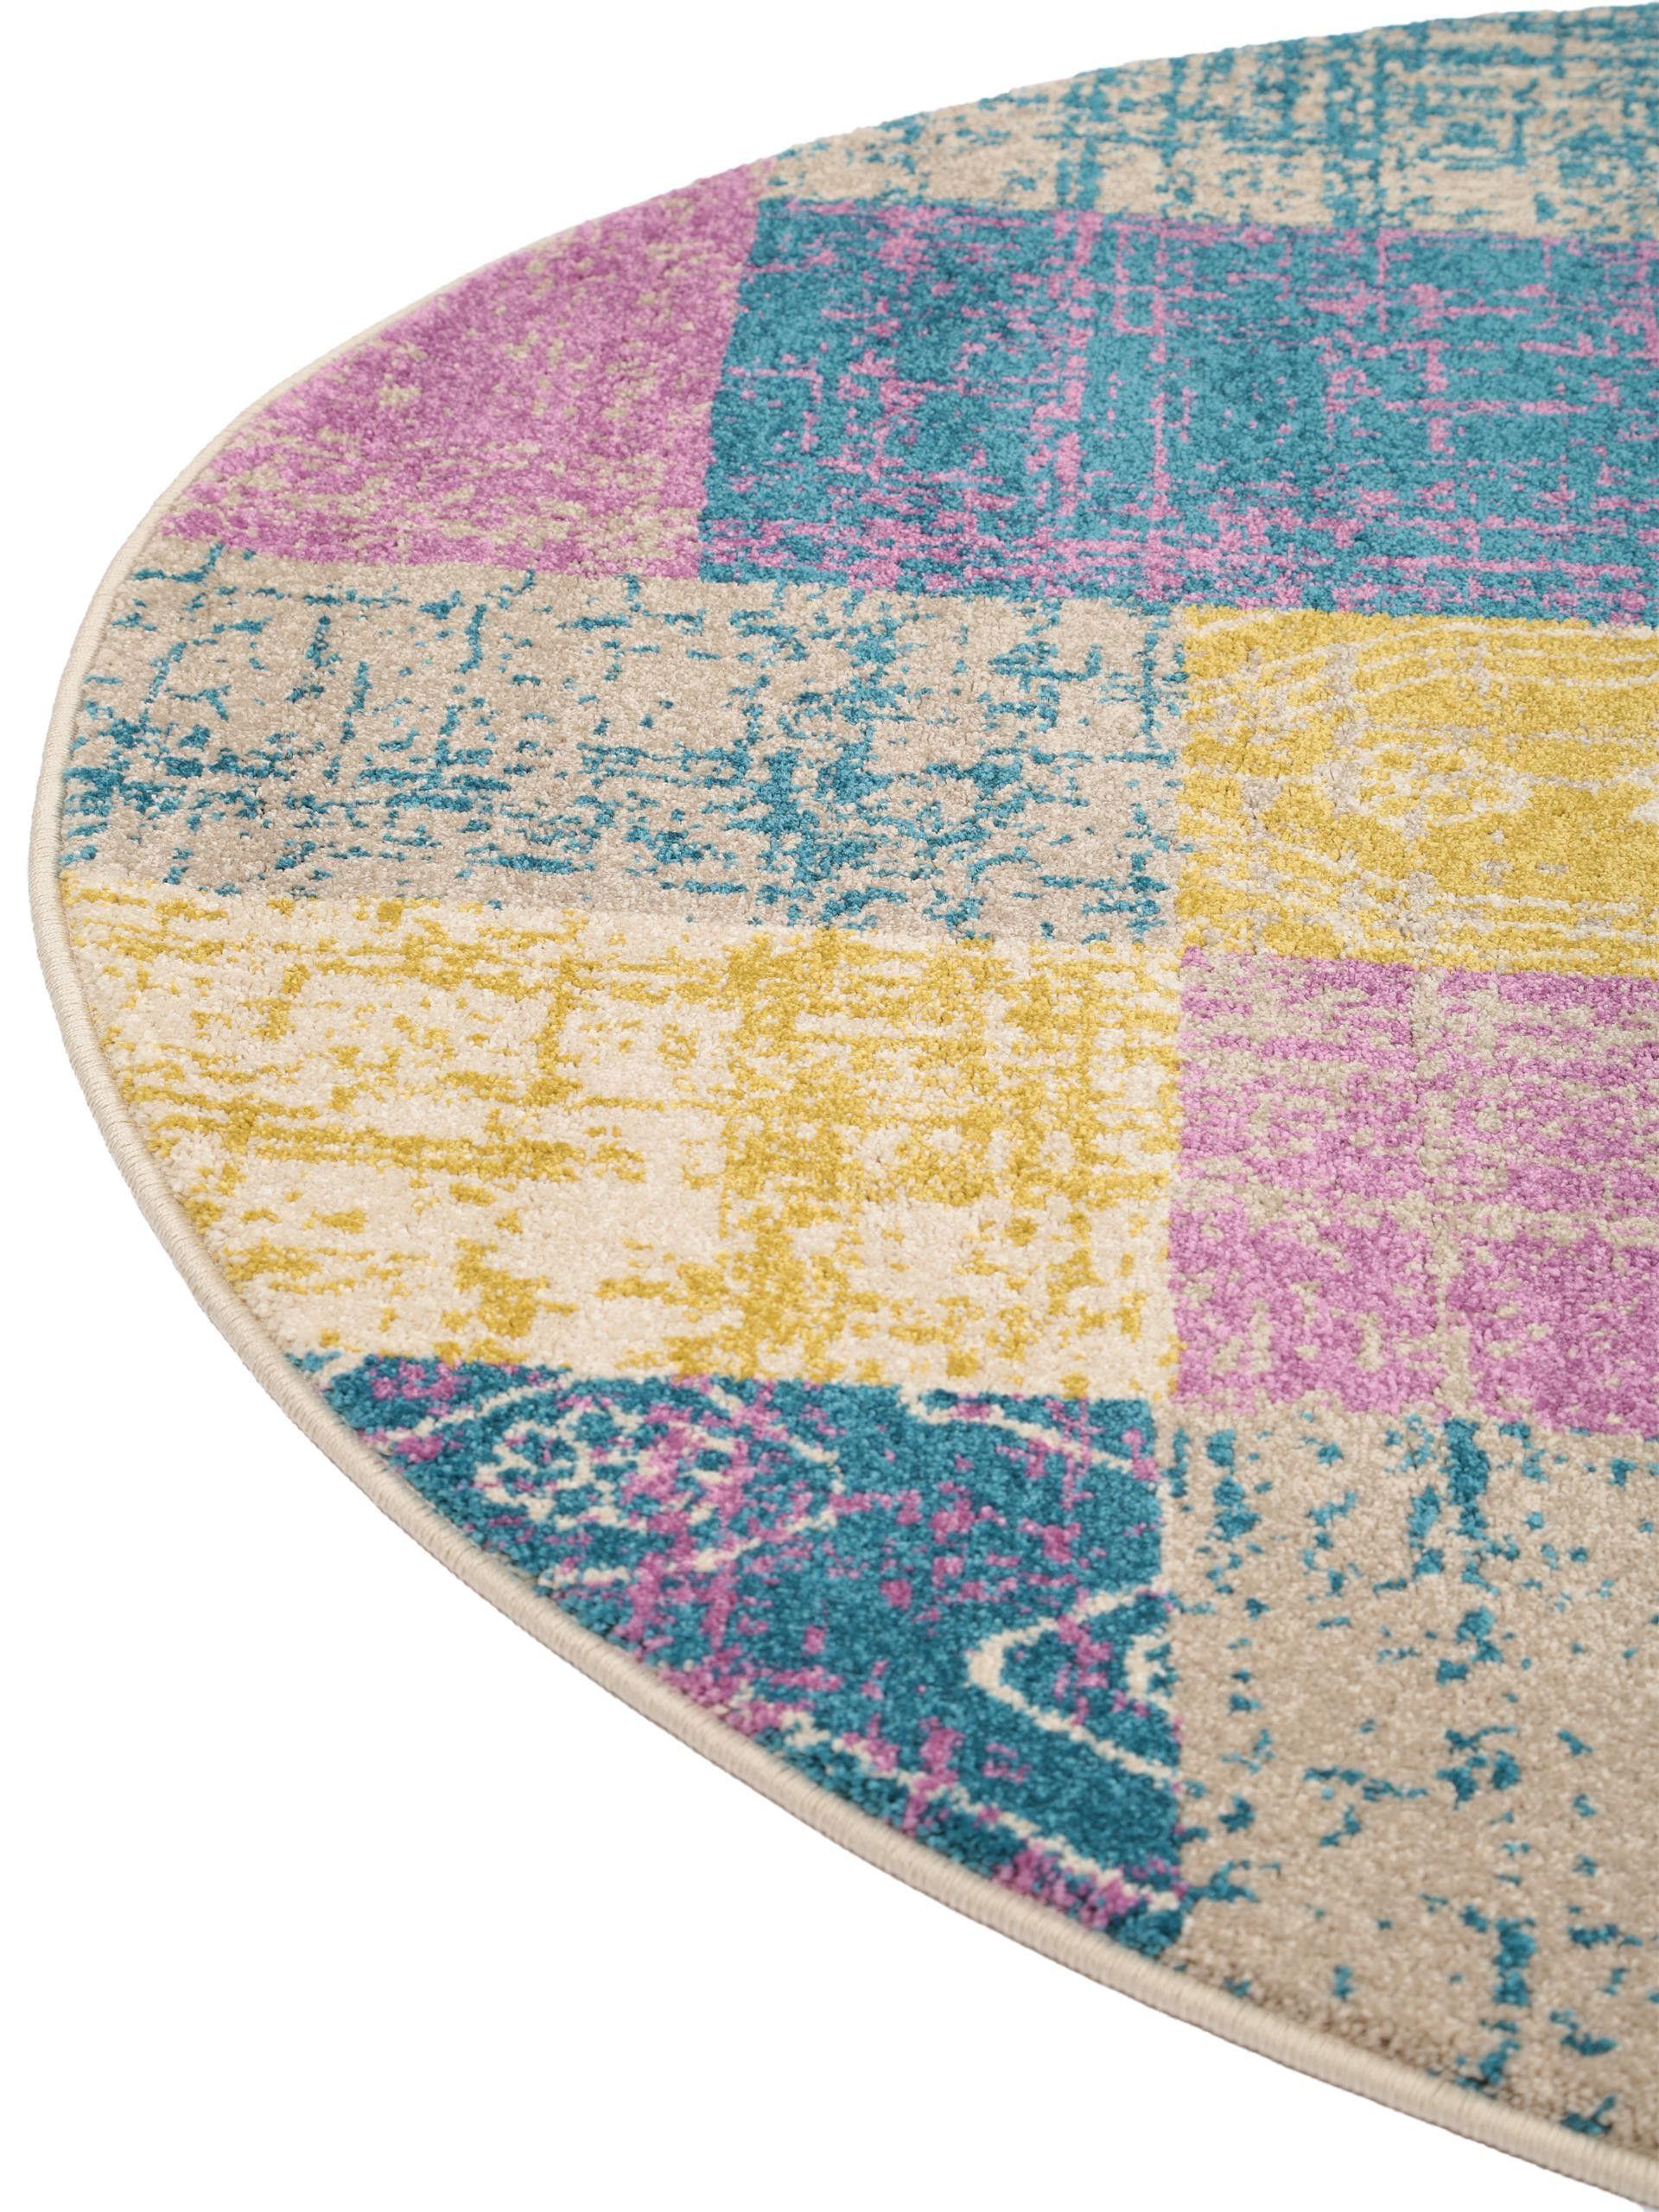 E' alla ricerca di un nuovo tappeto per la Sua abitazione? Noi di benuta ampliamo costantemente la nostra già vasta offerta per potervi offrire una scelta ancora più ampia. Siccome il prodotto in questione è stato soltanto recentemente inserito nel nos